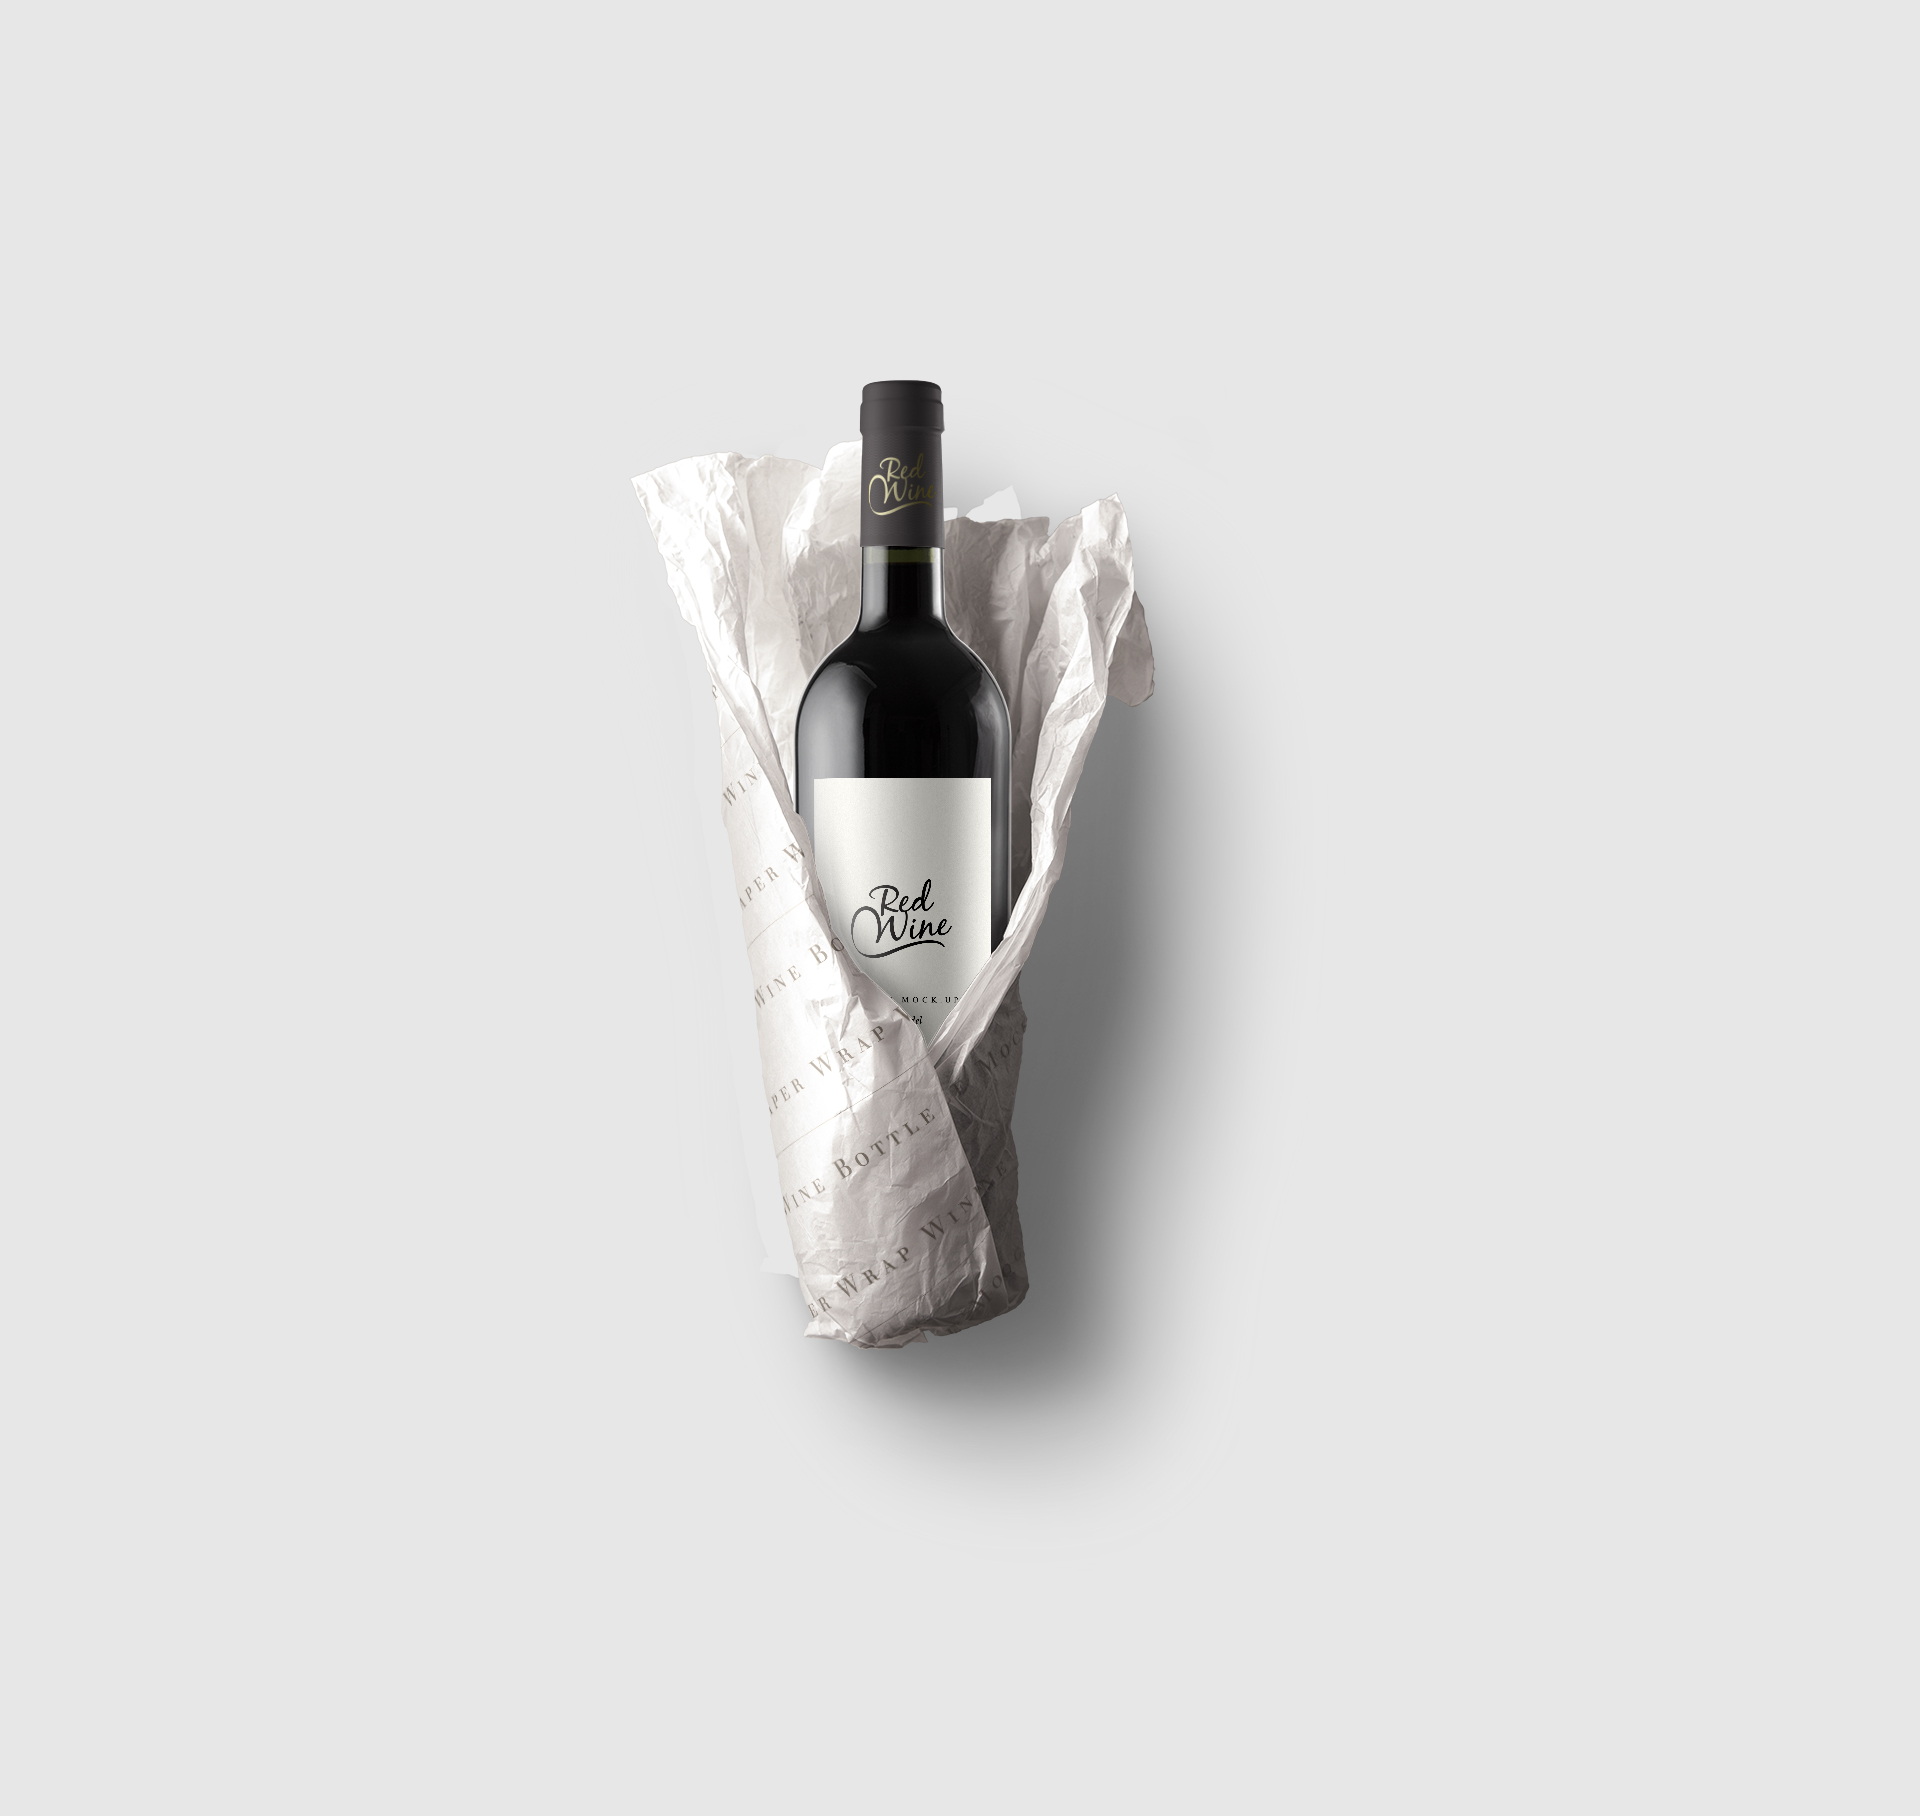 Paper-Wrap-Wine-Bottle-Mockup